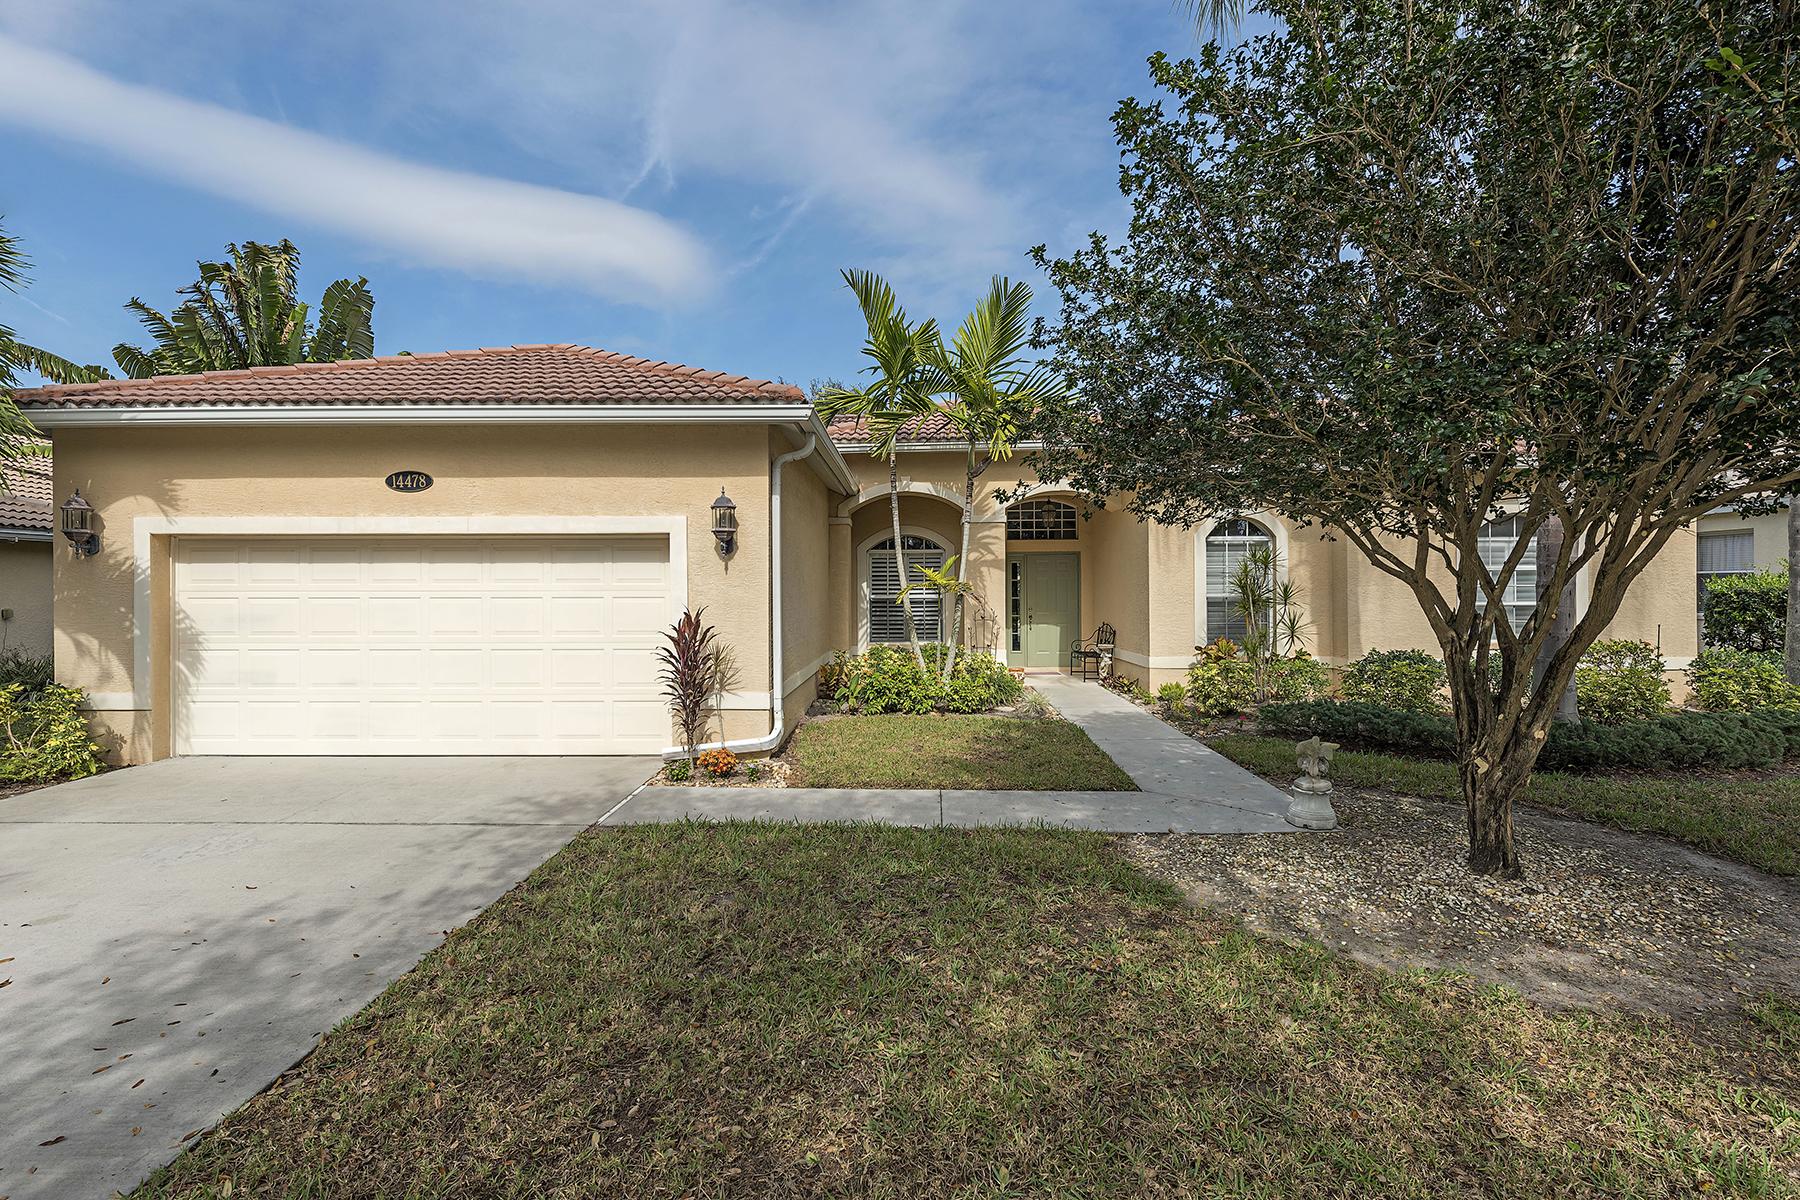 独户住宅 为 销售 在 INDIGO LAKES 14478 Indigo Lakes Cir 那不勒斯, 佛罗里达州, 34119 美国